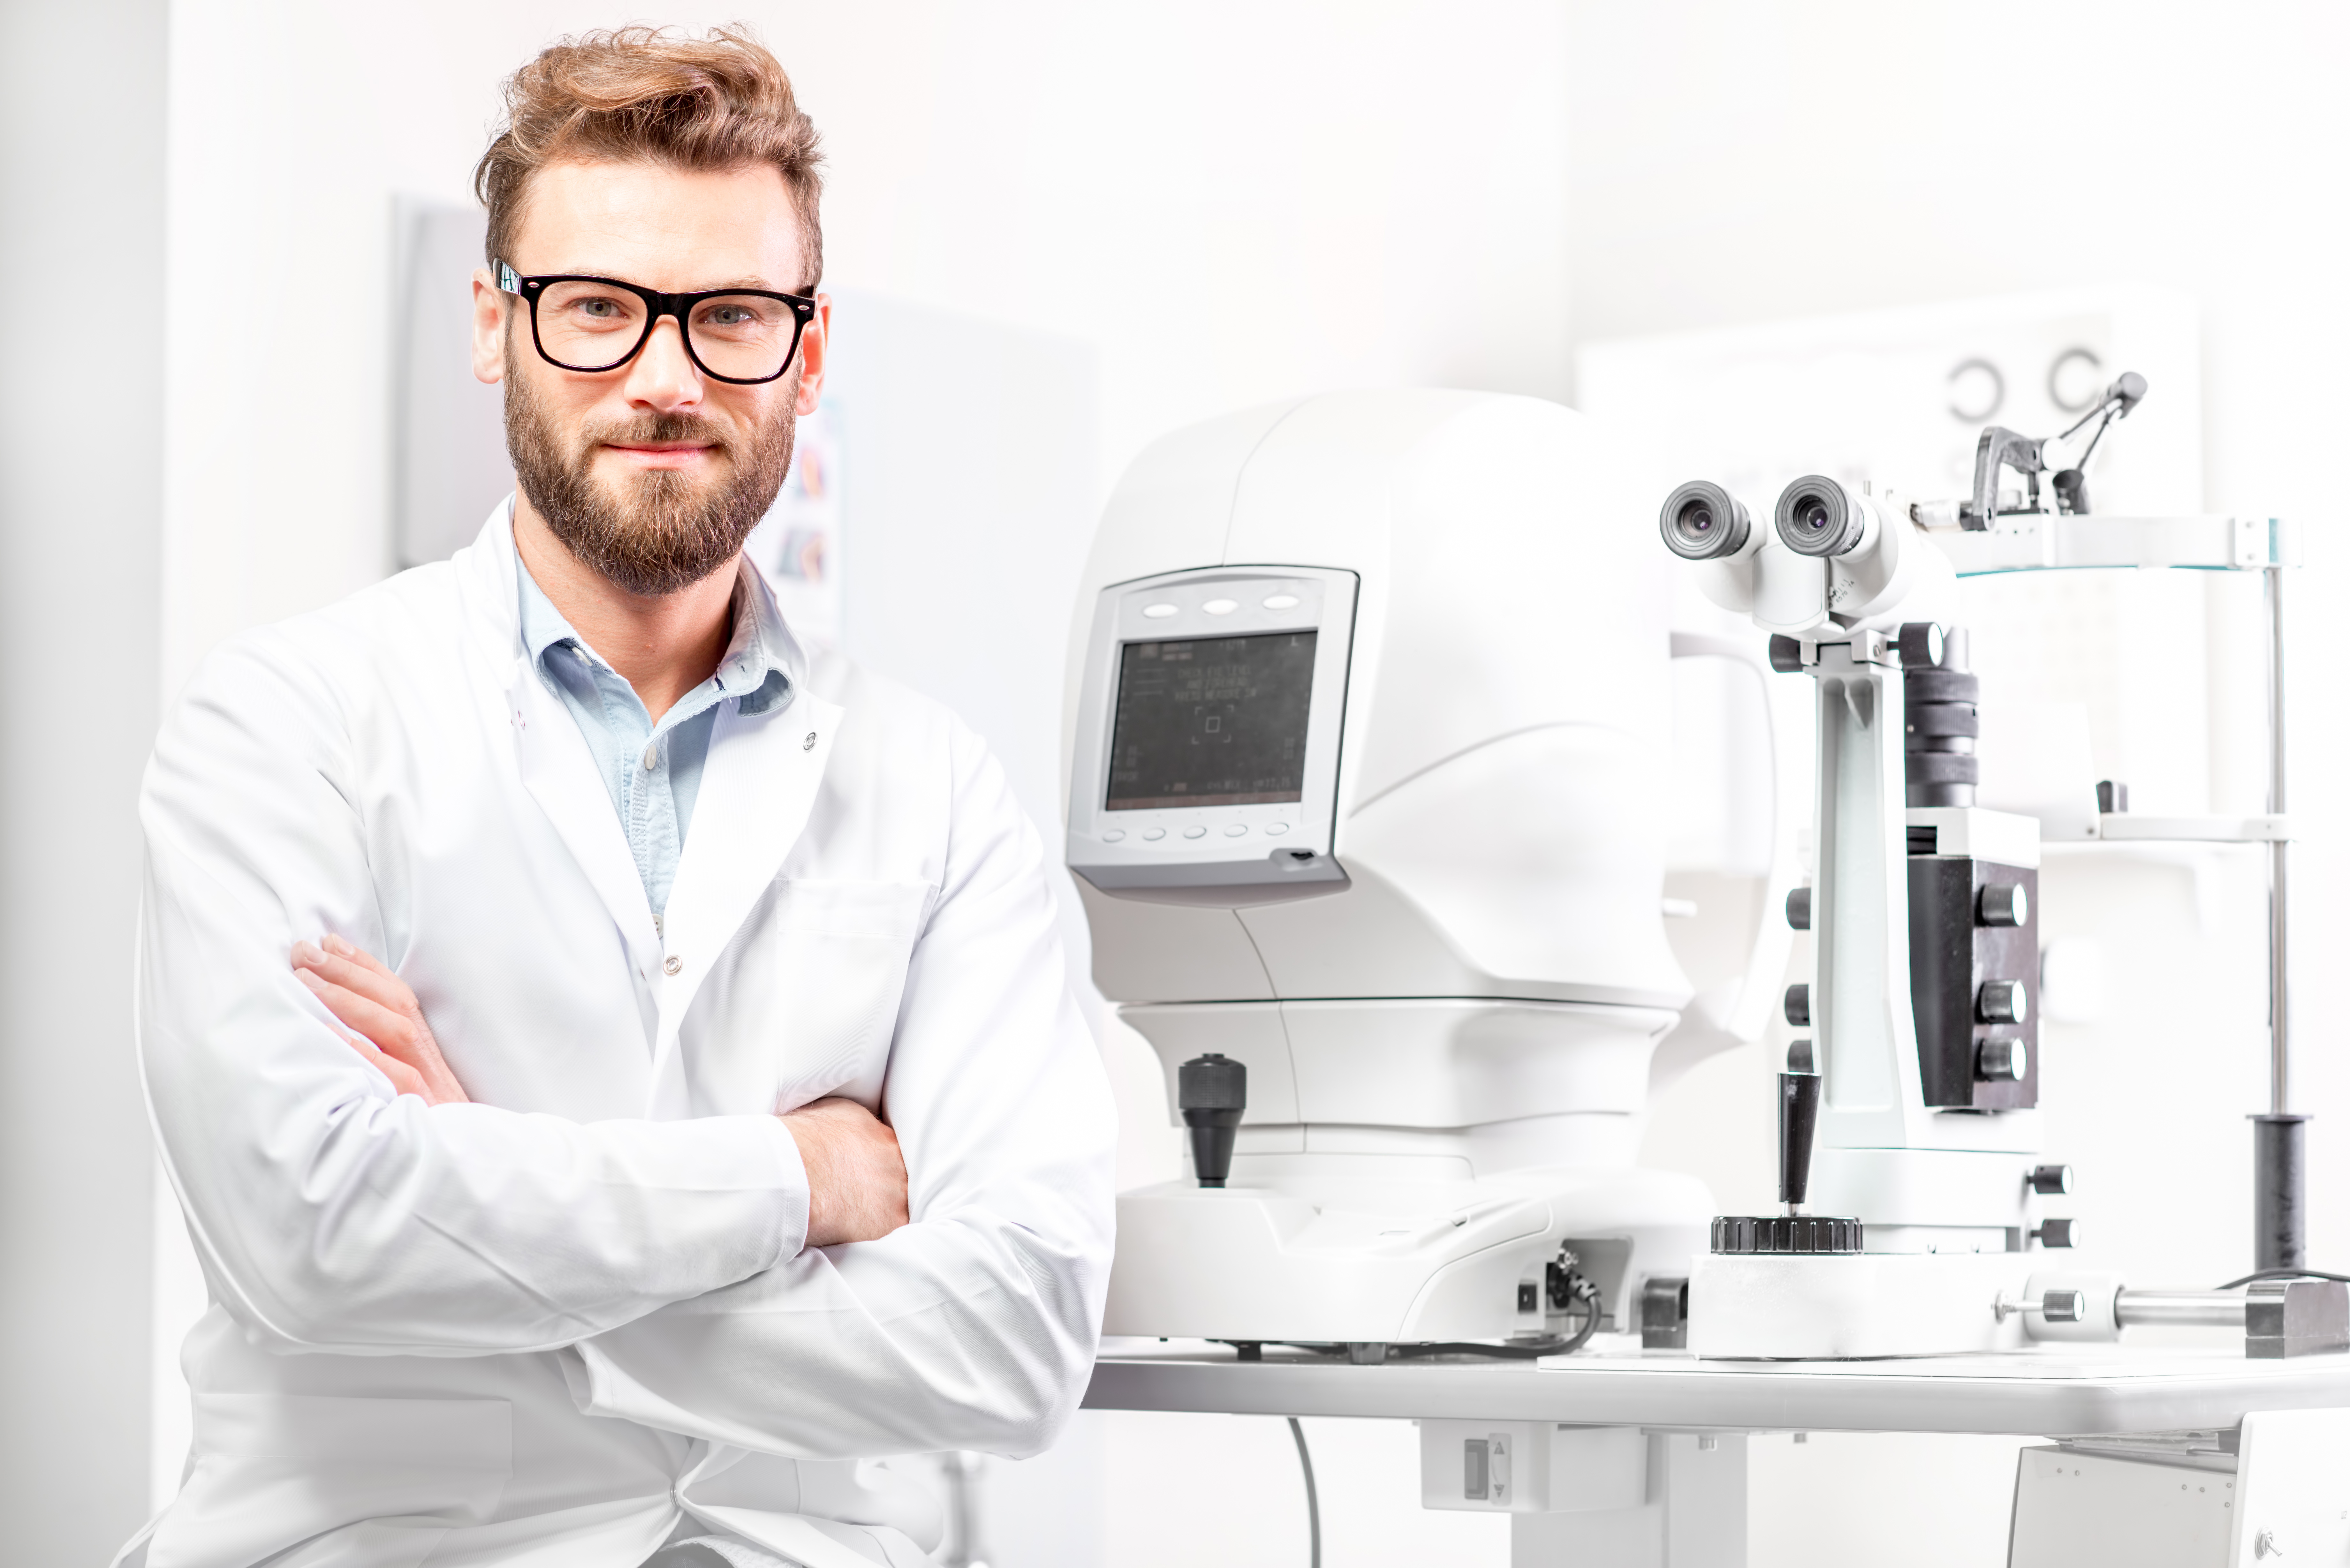 Разработка стратегии увеличения масштаба и прибыльности медицинского центра